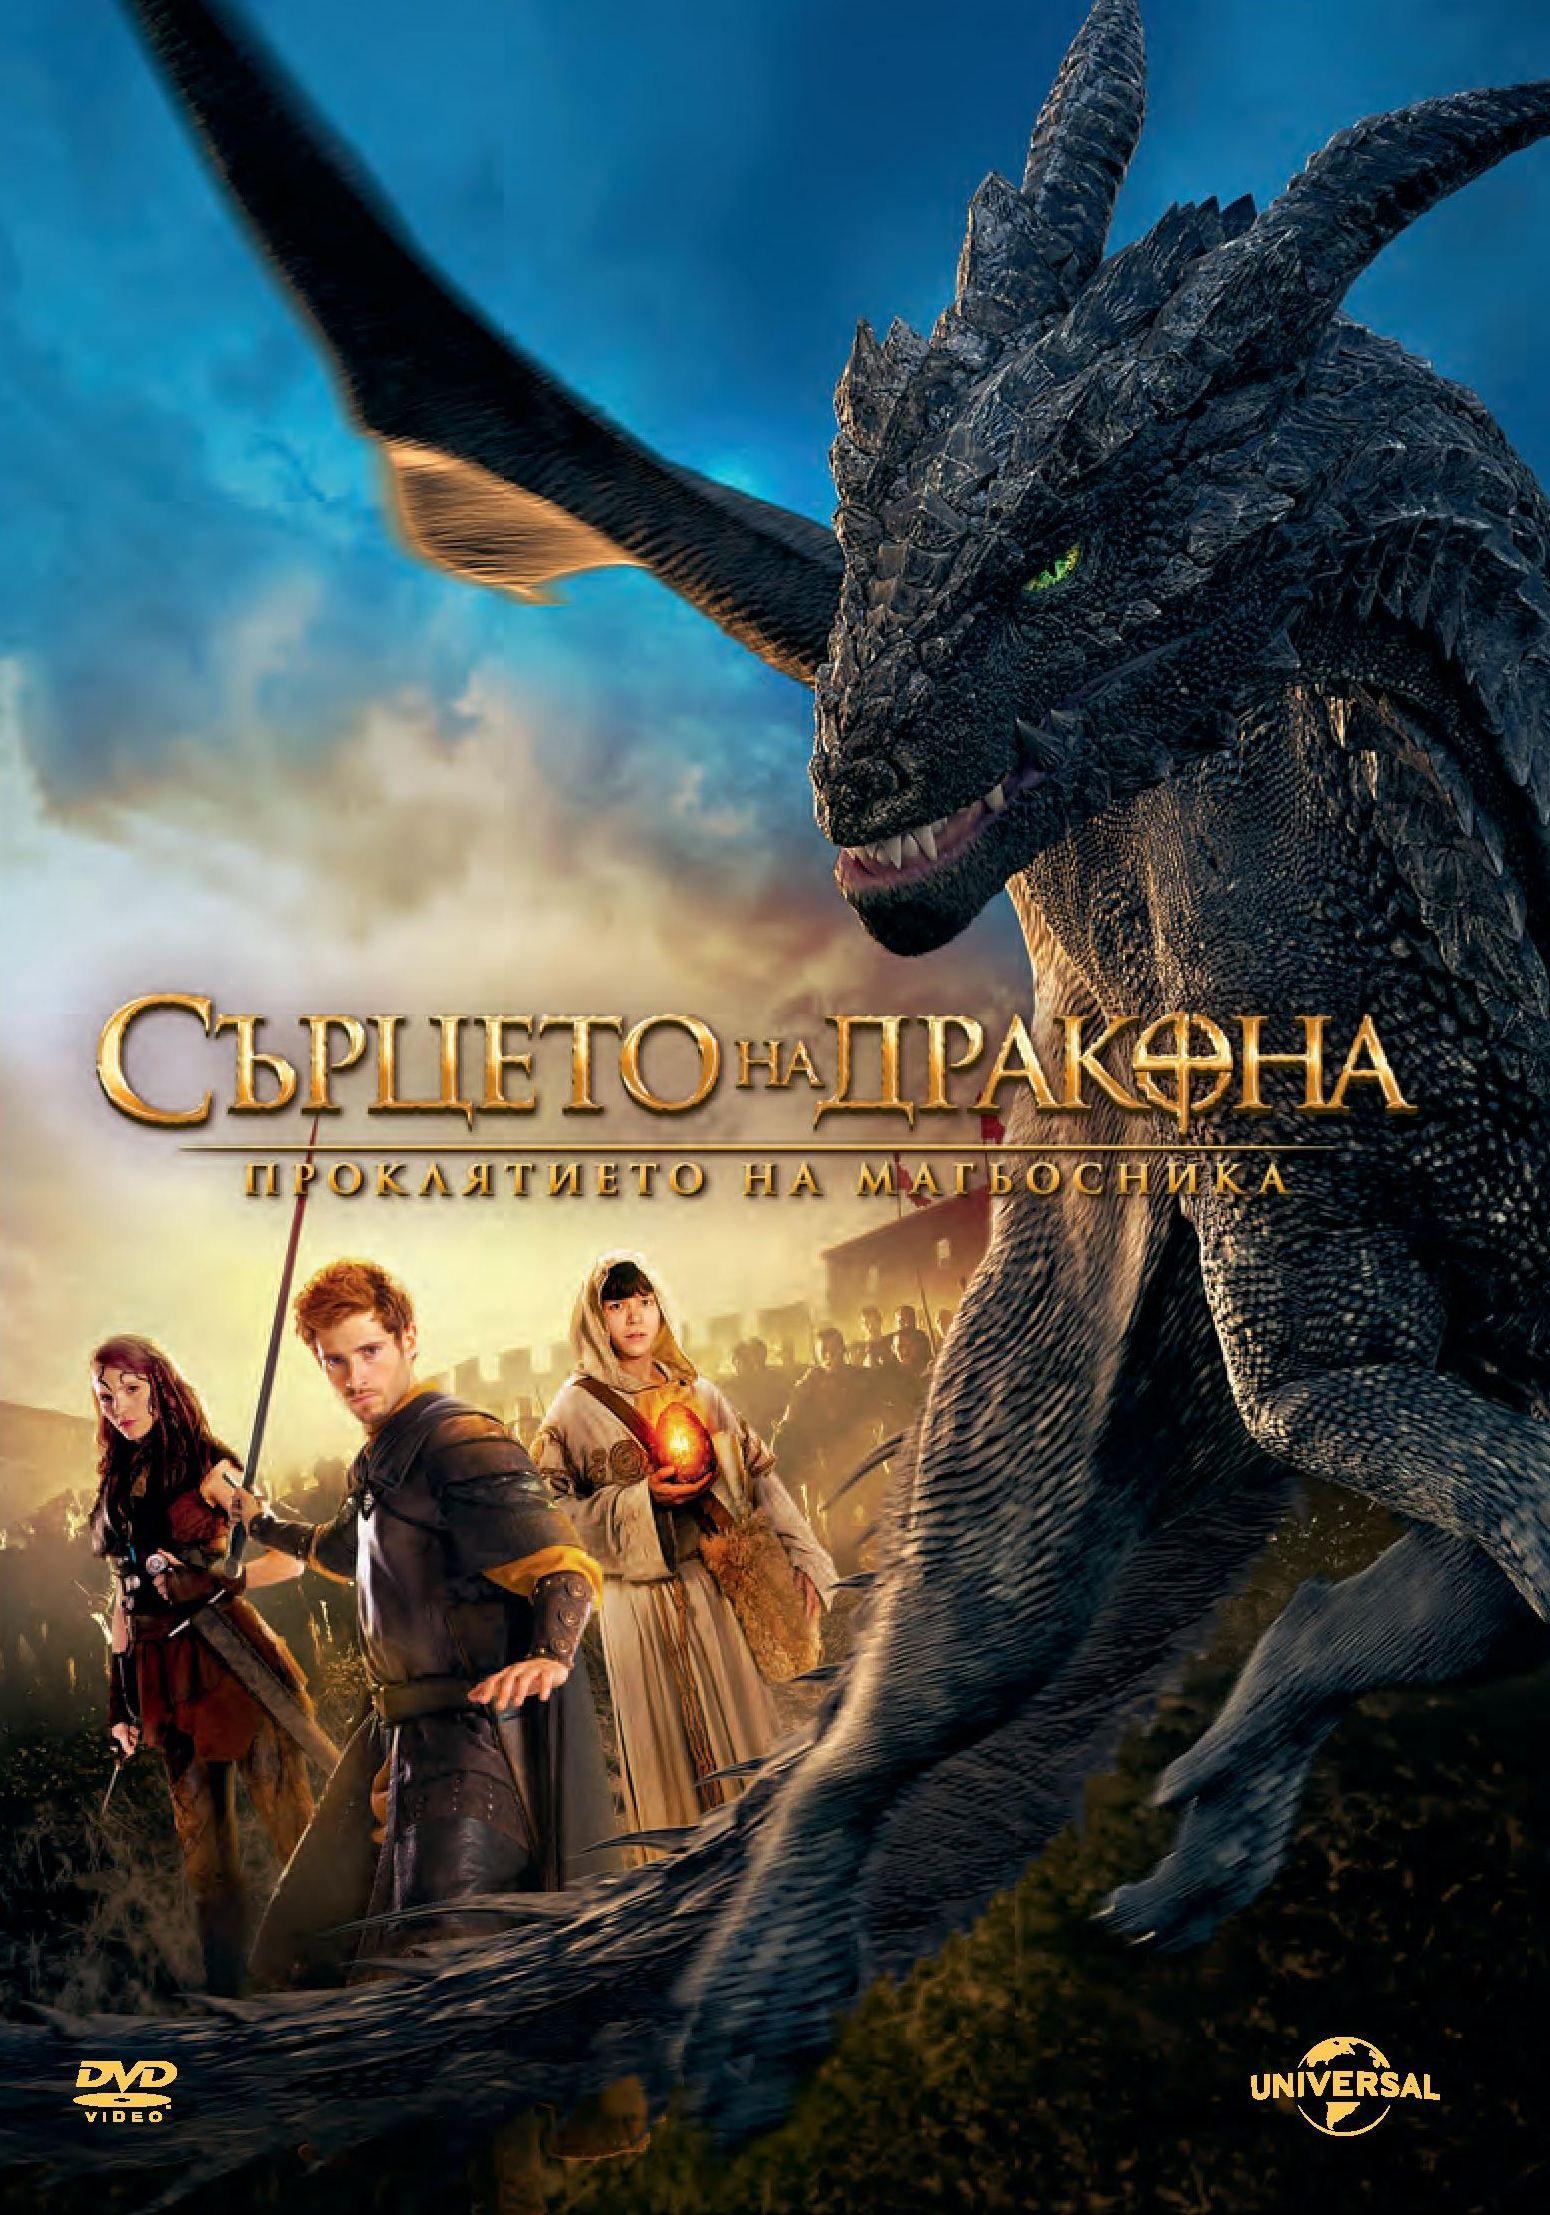 Сърцето на дракона 3: Проклятието на магьосника (DVD) - 1